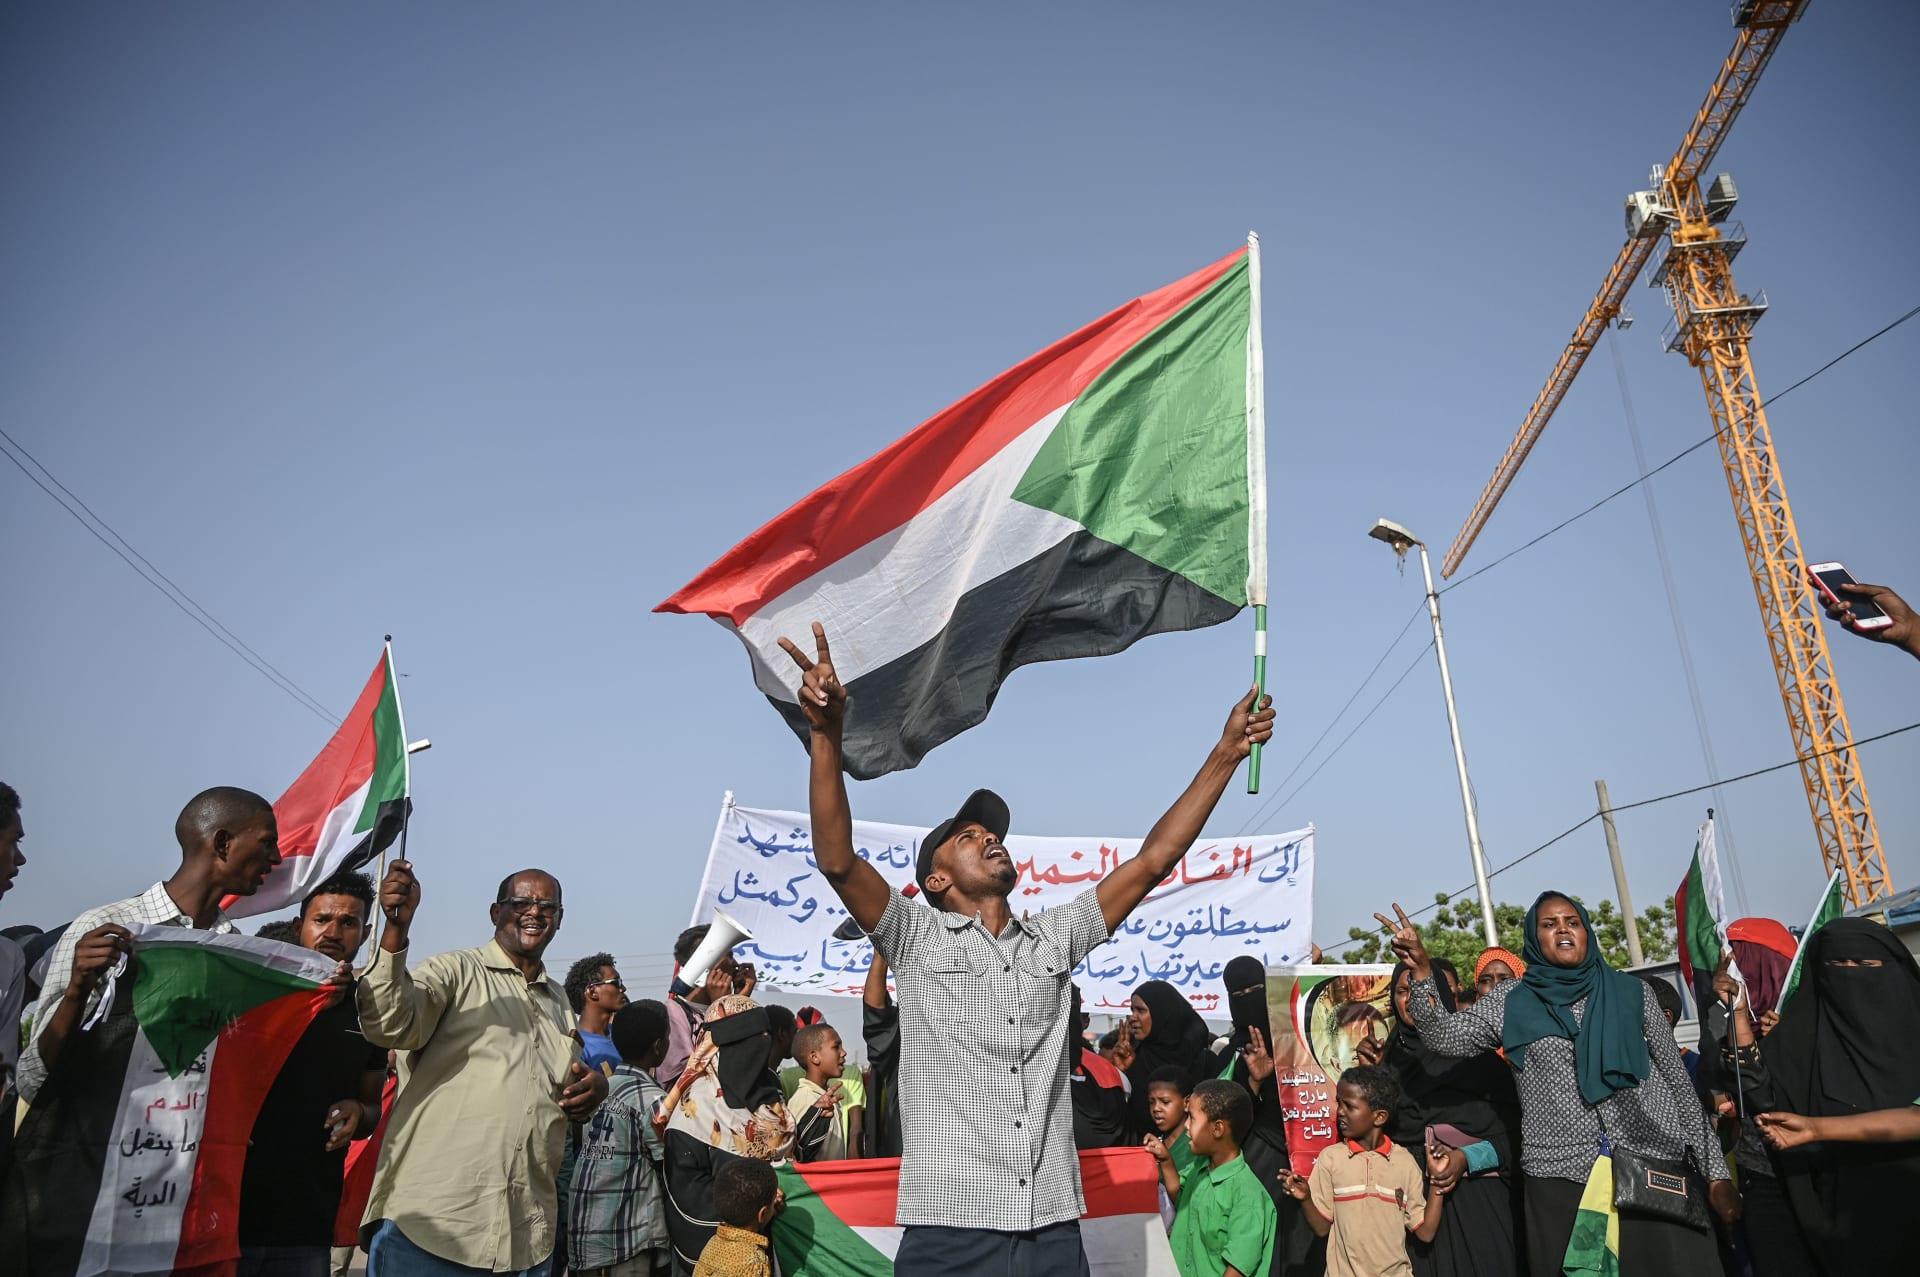 السودان: خطوة جديدة نحو انتقال السلطة إلى القوى المدنية